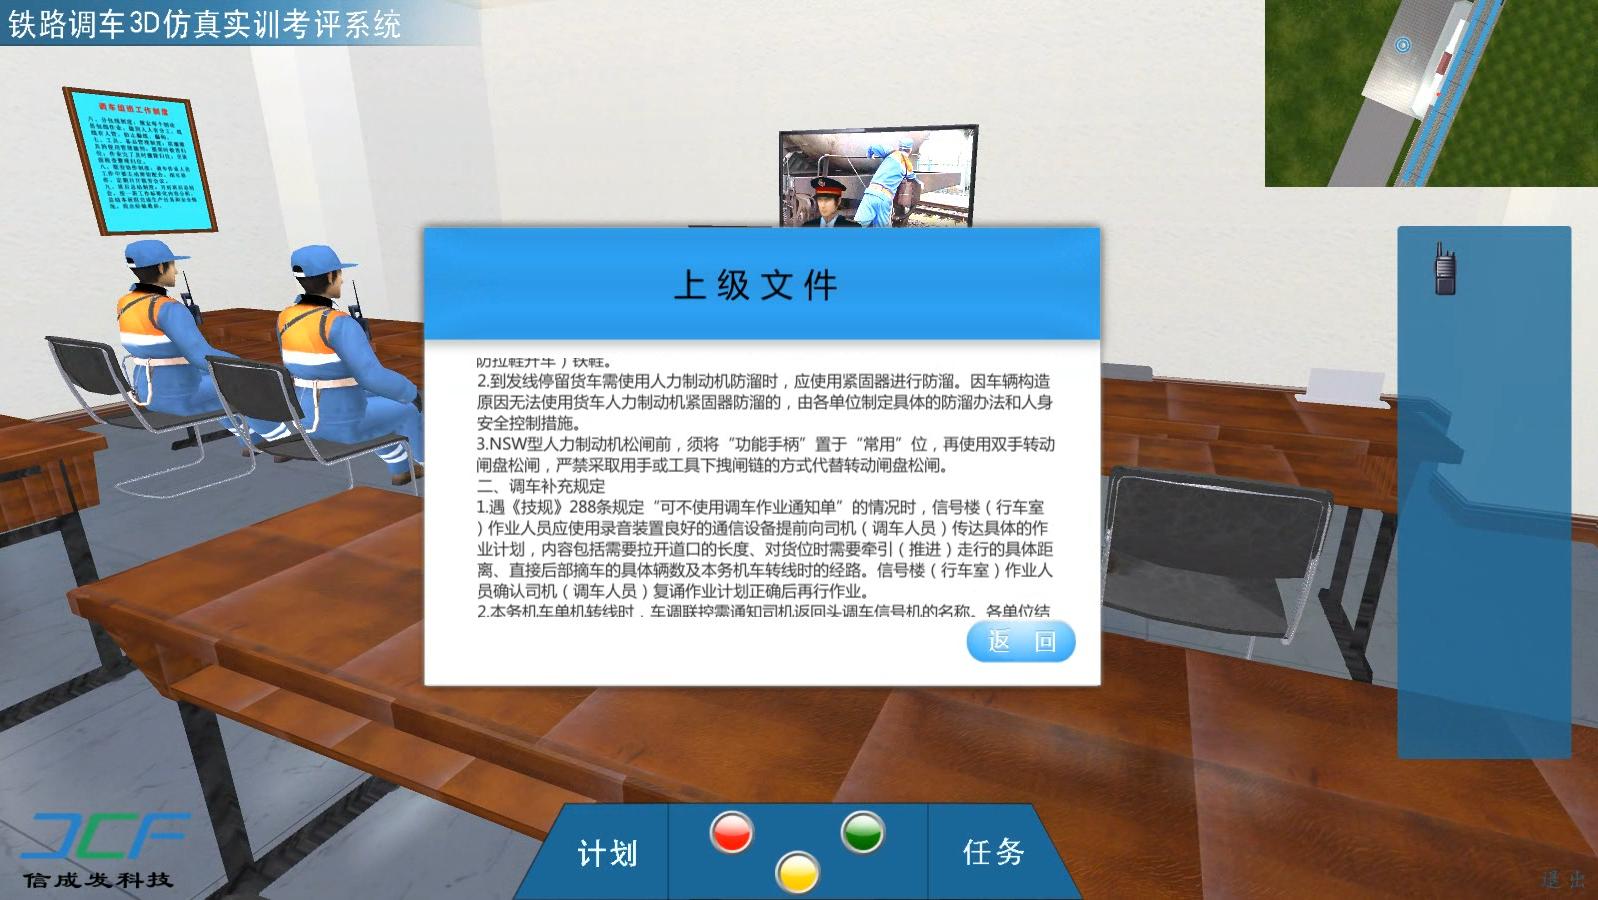 铁路调车3D仿真实训考评系统-点名会议室内场景